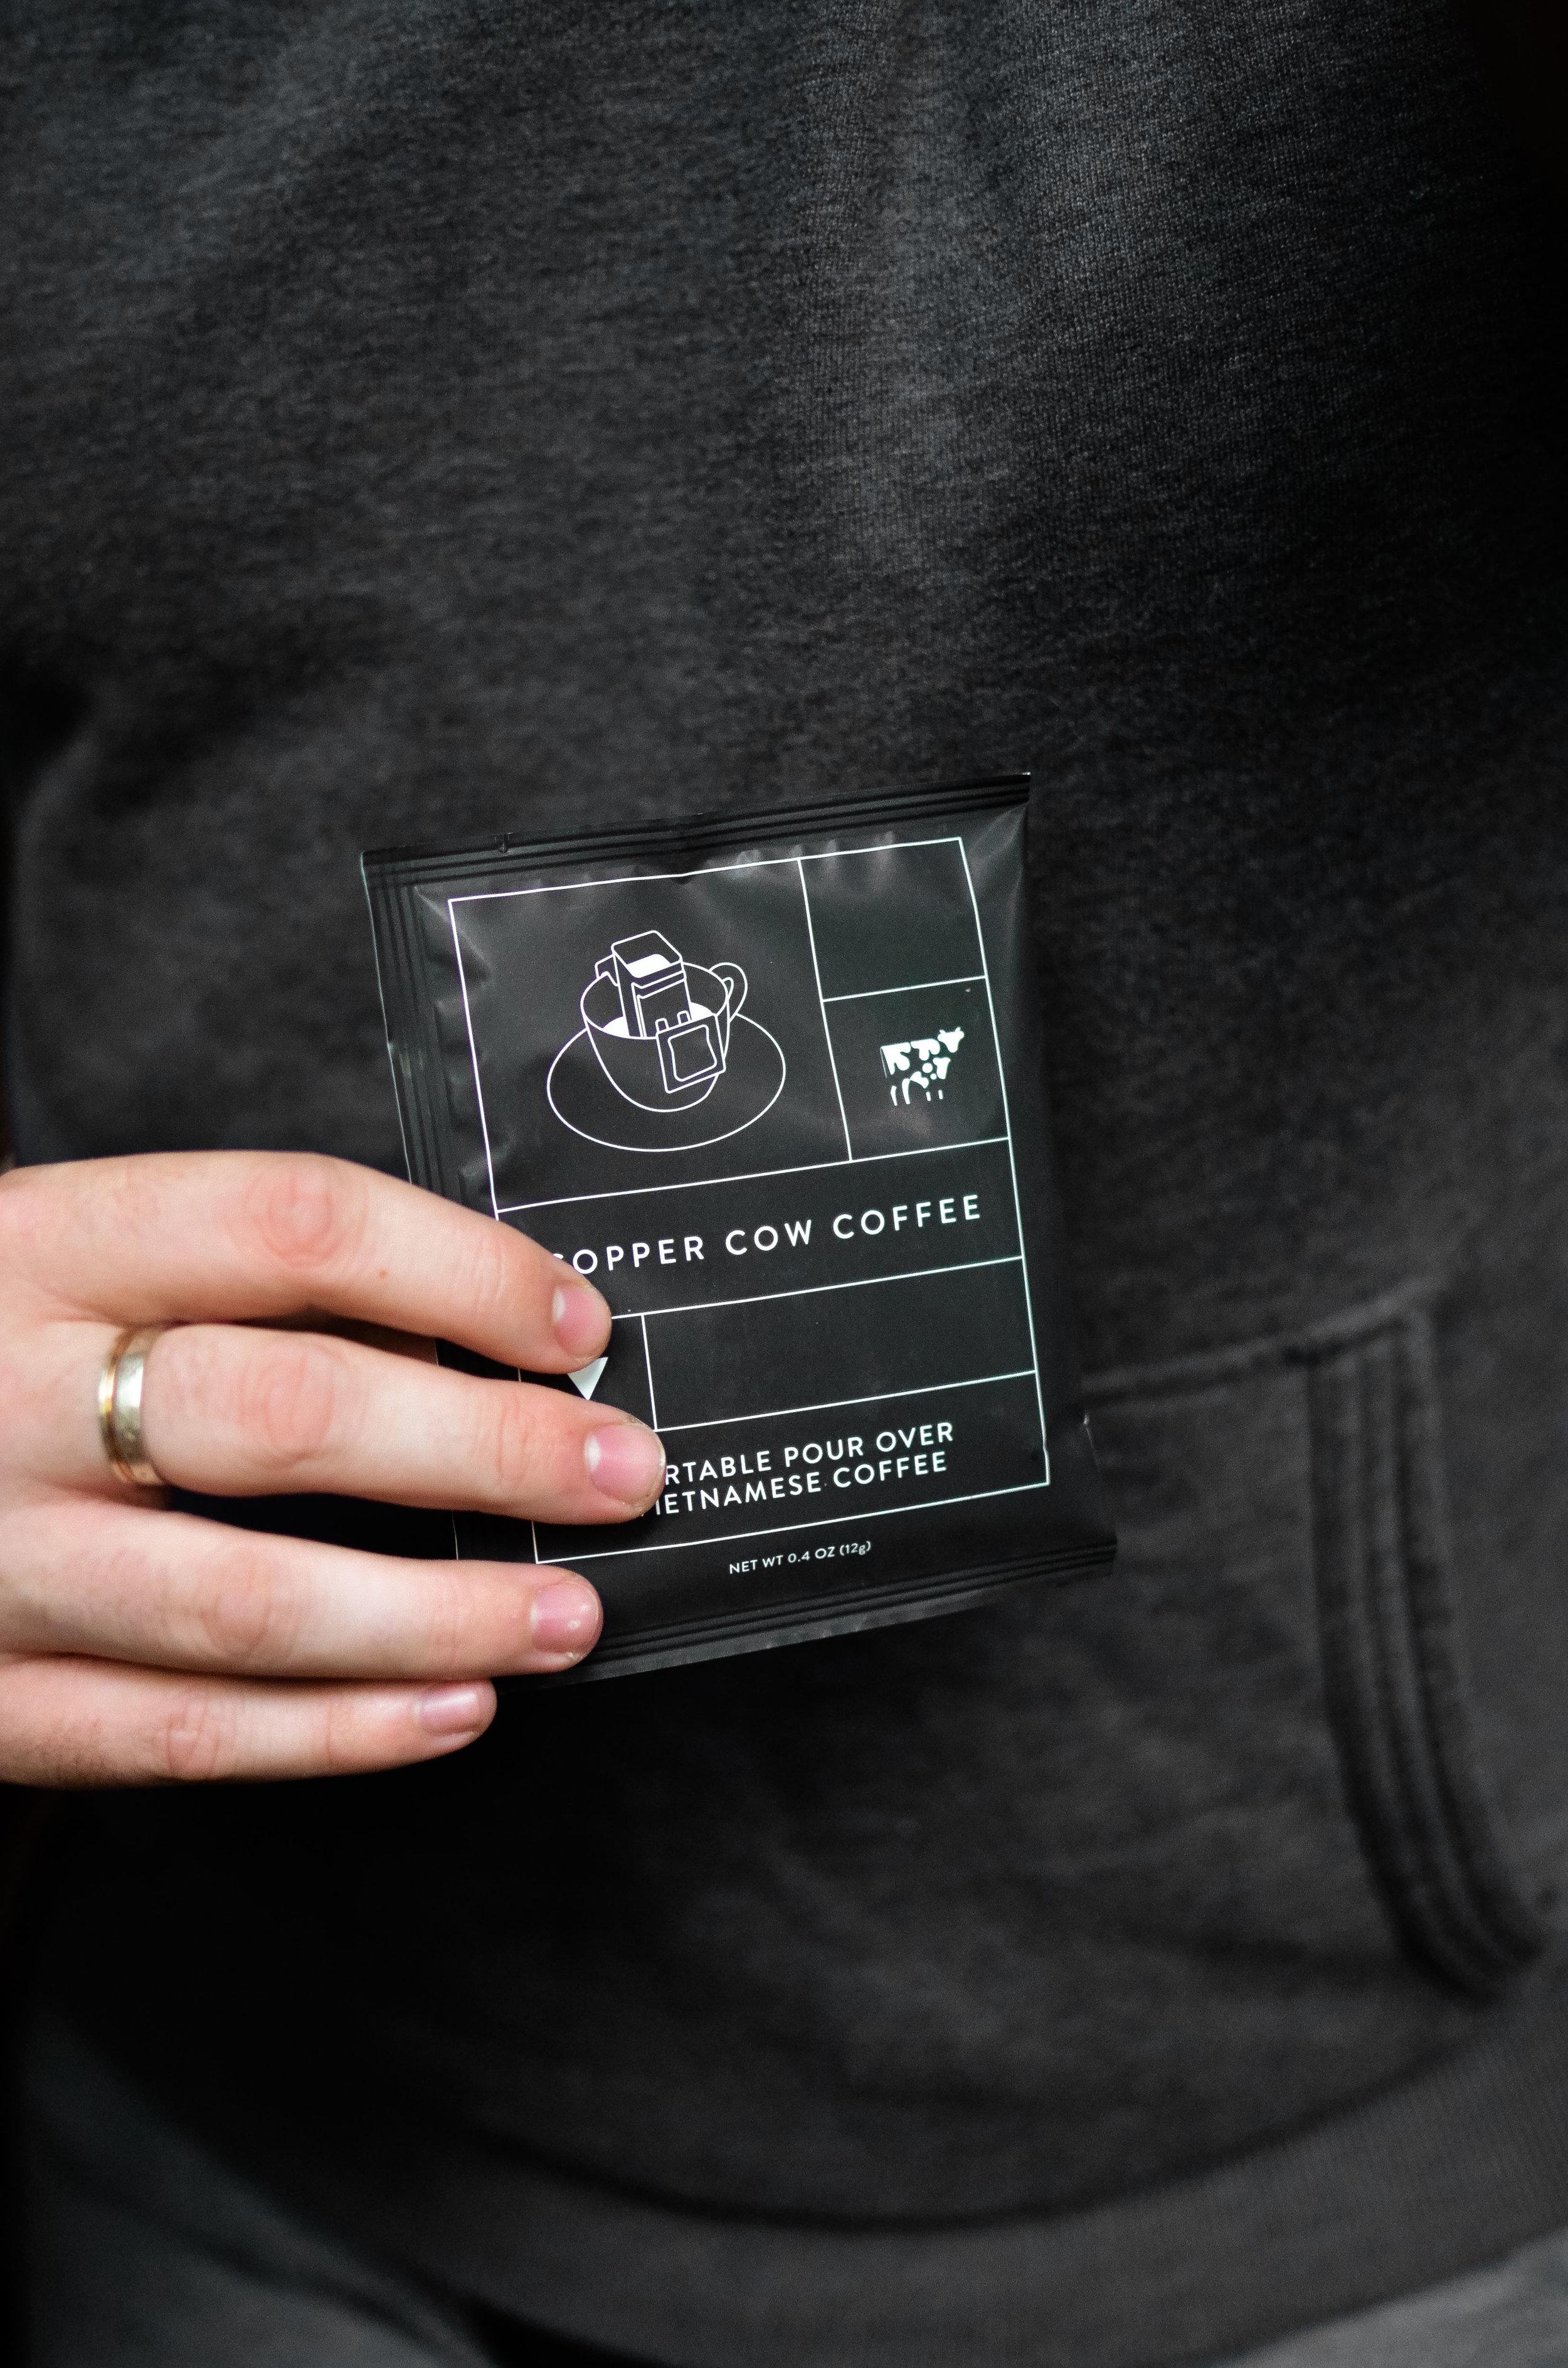 Wendling_Boyd_Copper_Cow_Coffee-7.jpg